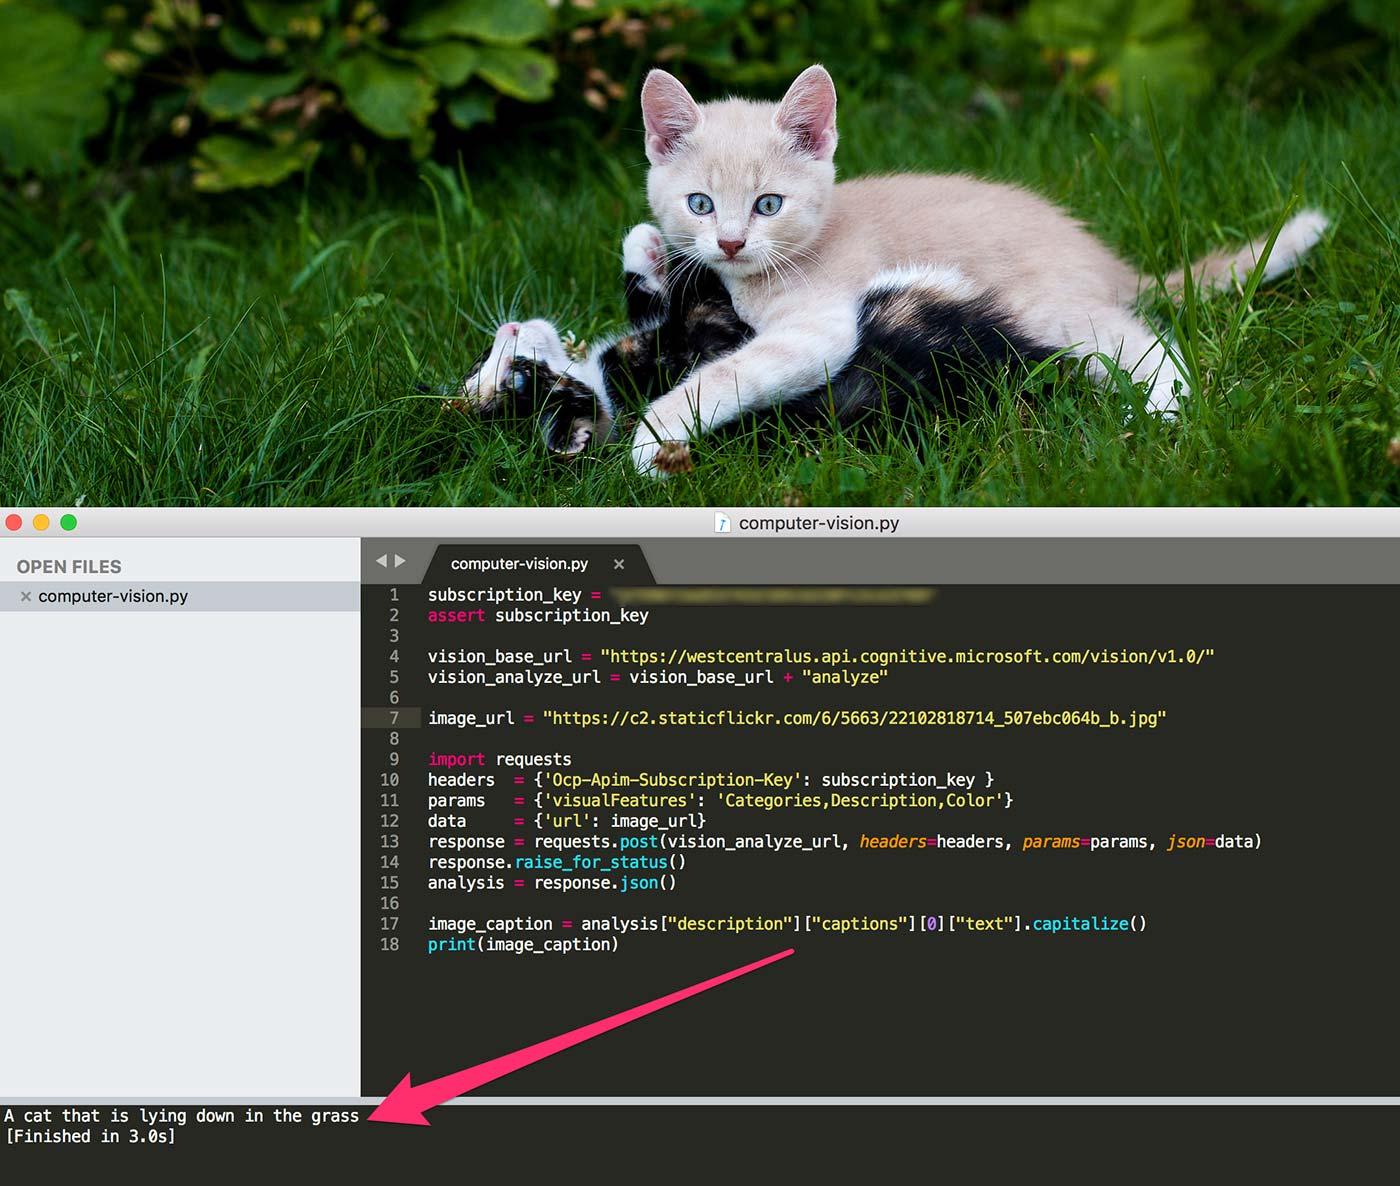 Artificiell Intelligens ser katt liggandes i gräsmatta